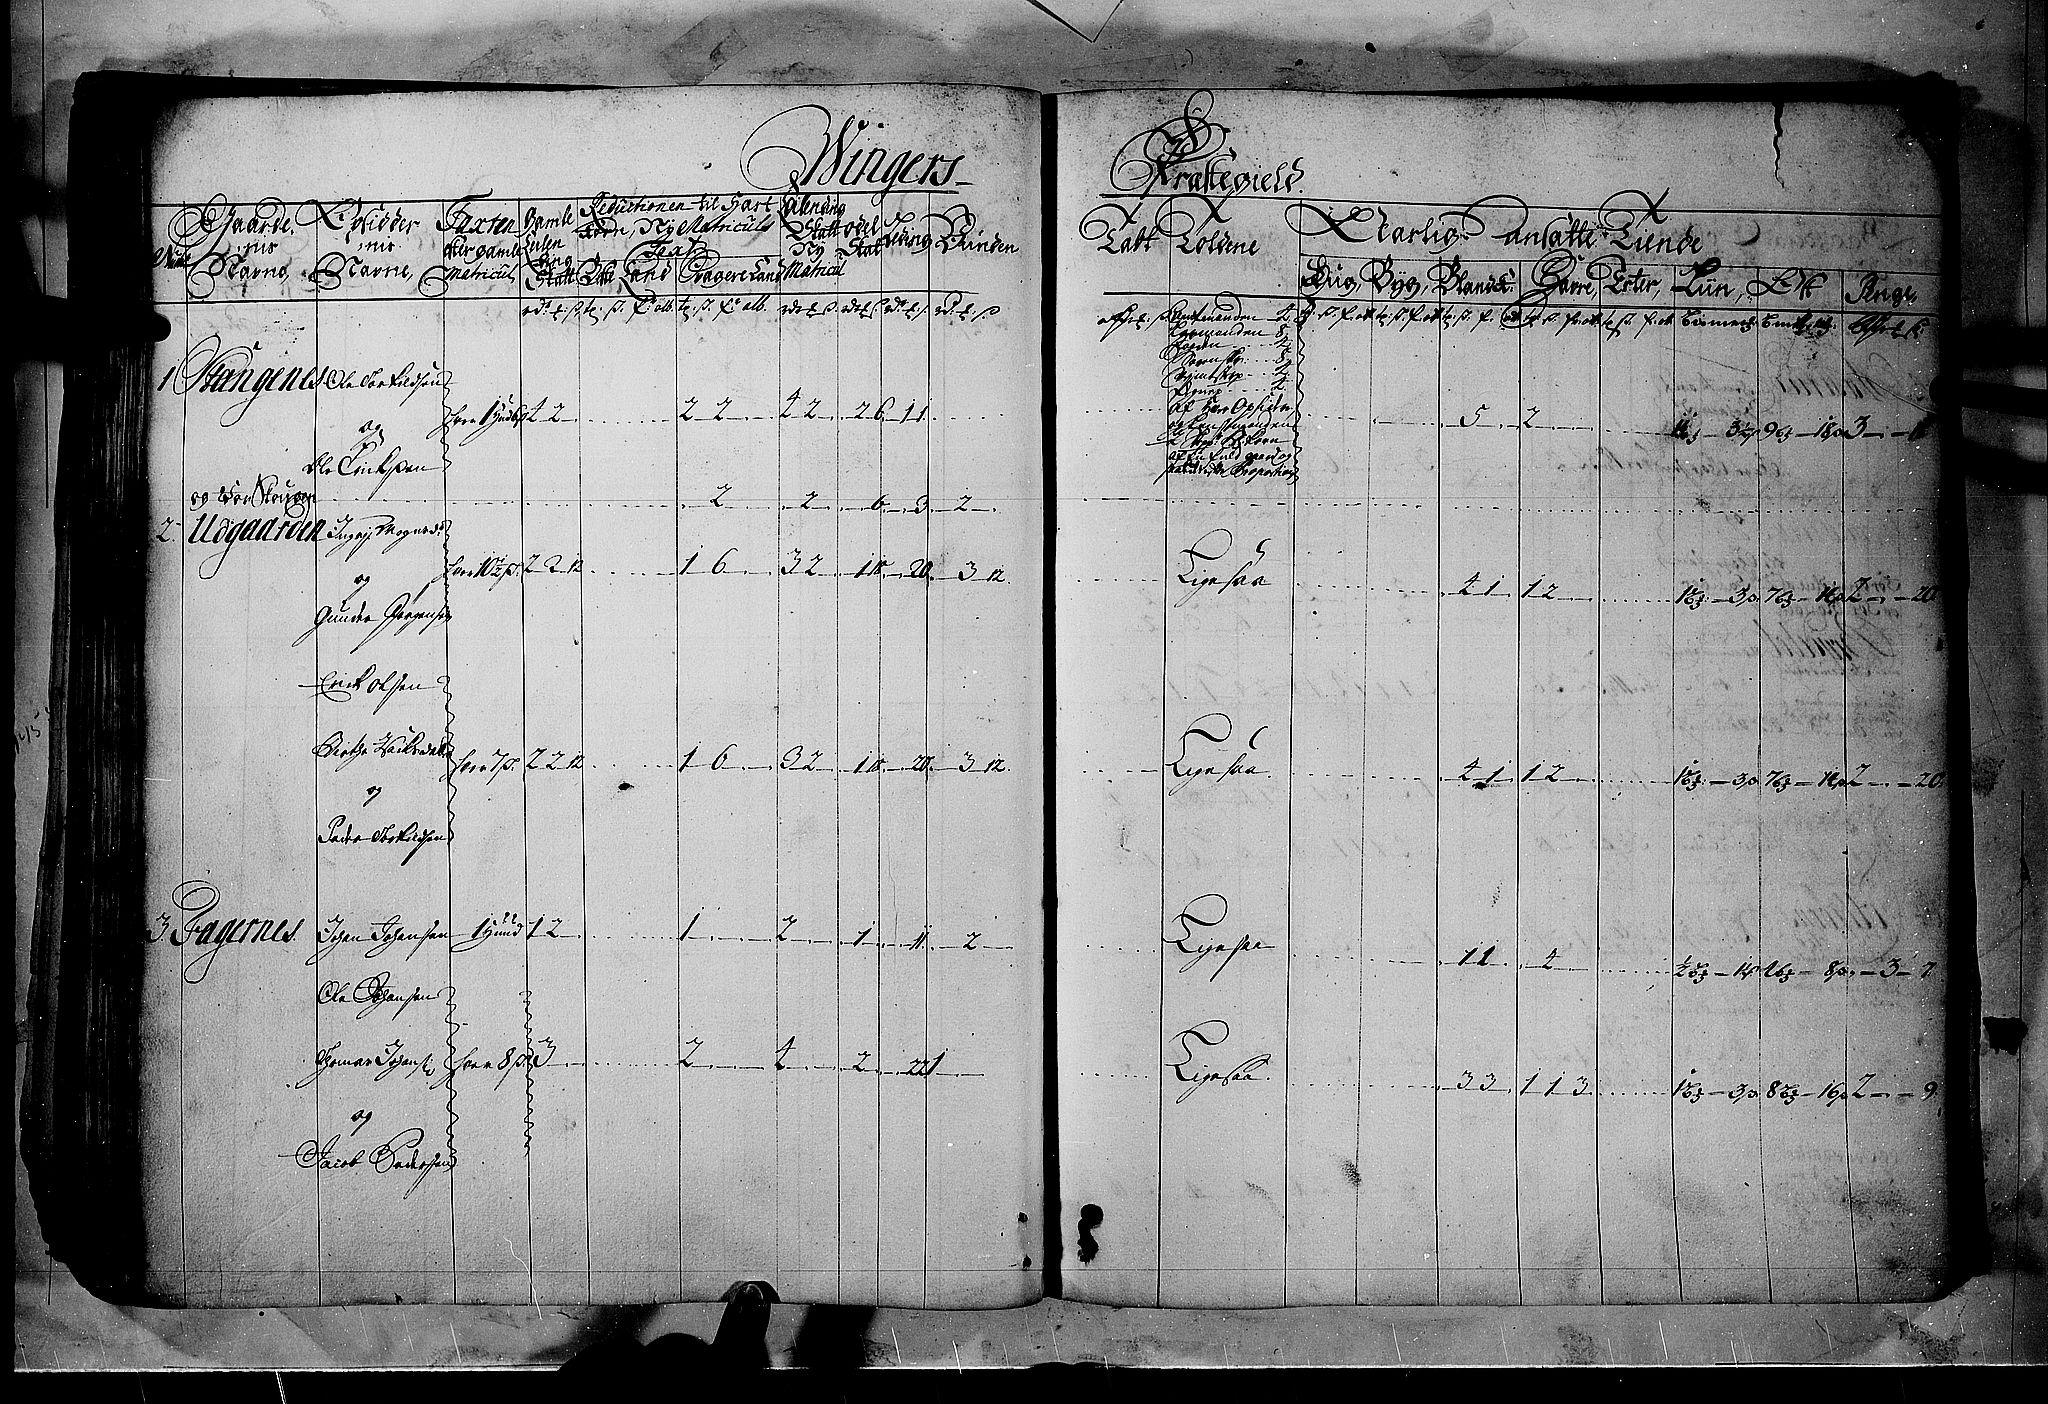 RA, Rentekammeret inntil 1814, Realistisk ordnet avdeling, N/Nb/Nbf/L0102: Solør, Østerdalen og Odal matrikkelprotokoll, 1723, s. 147b-148a